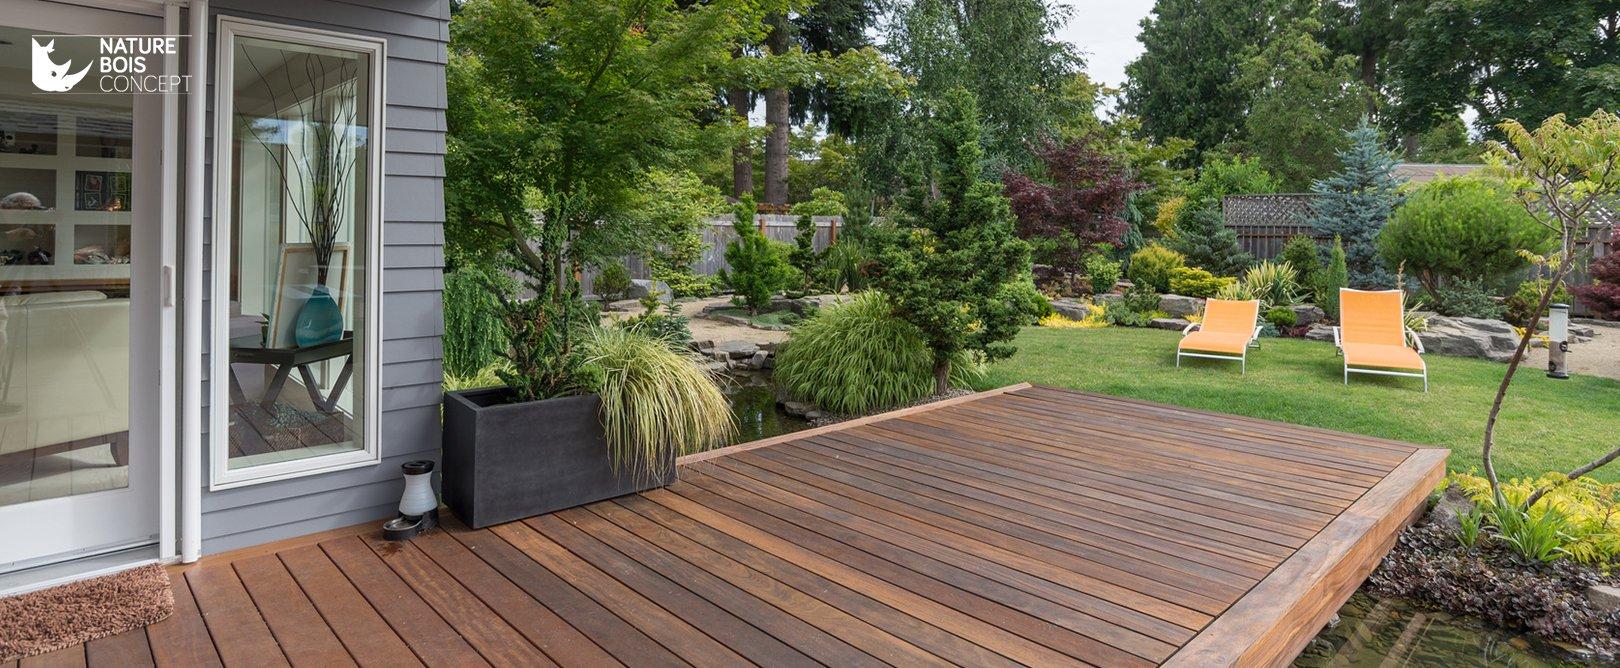 Quelle longueur de lame de terrasse choisir ?